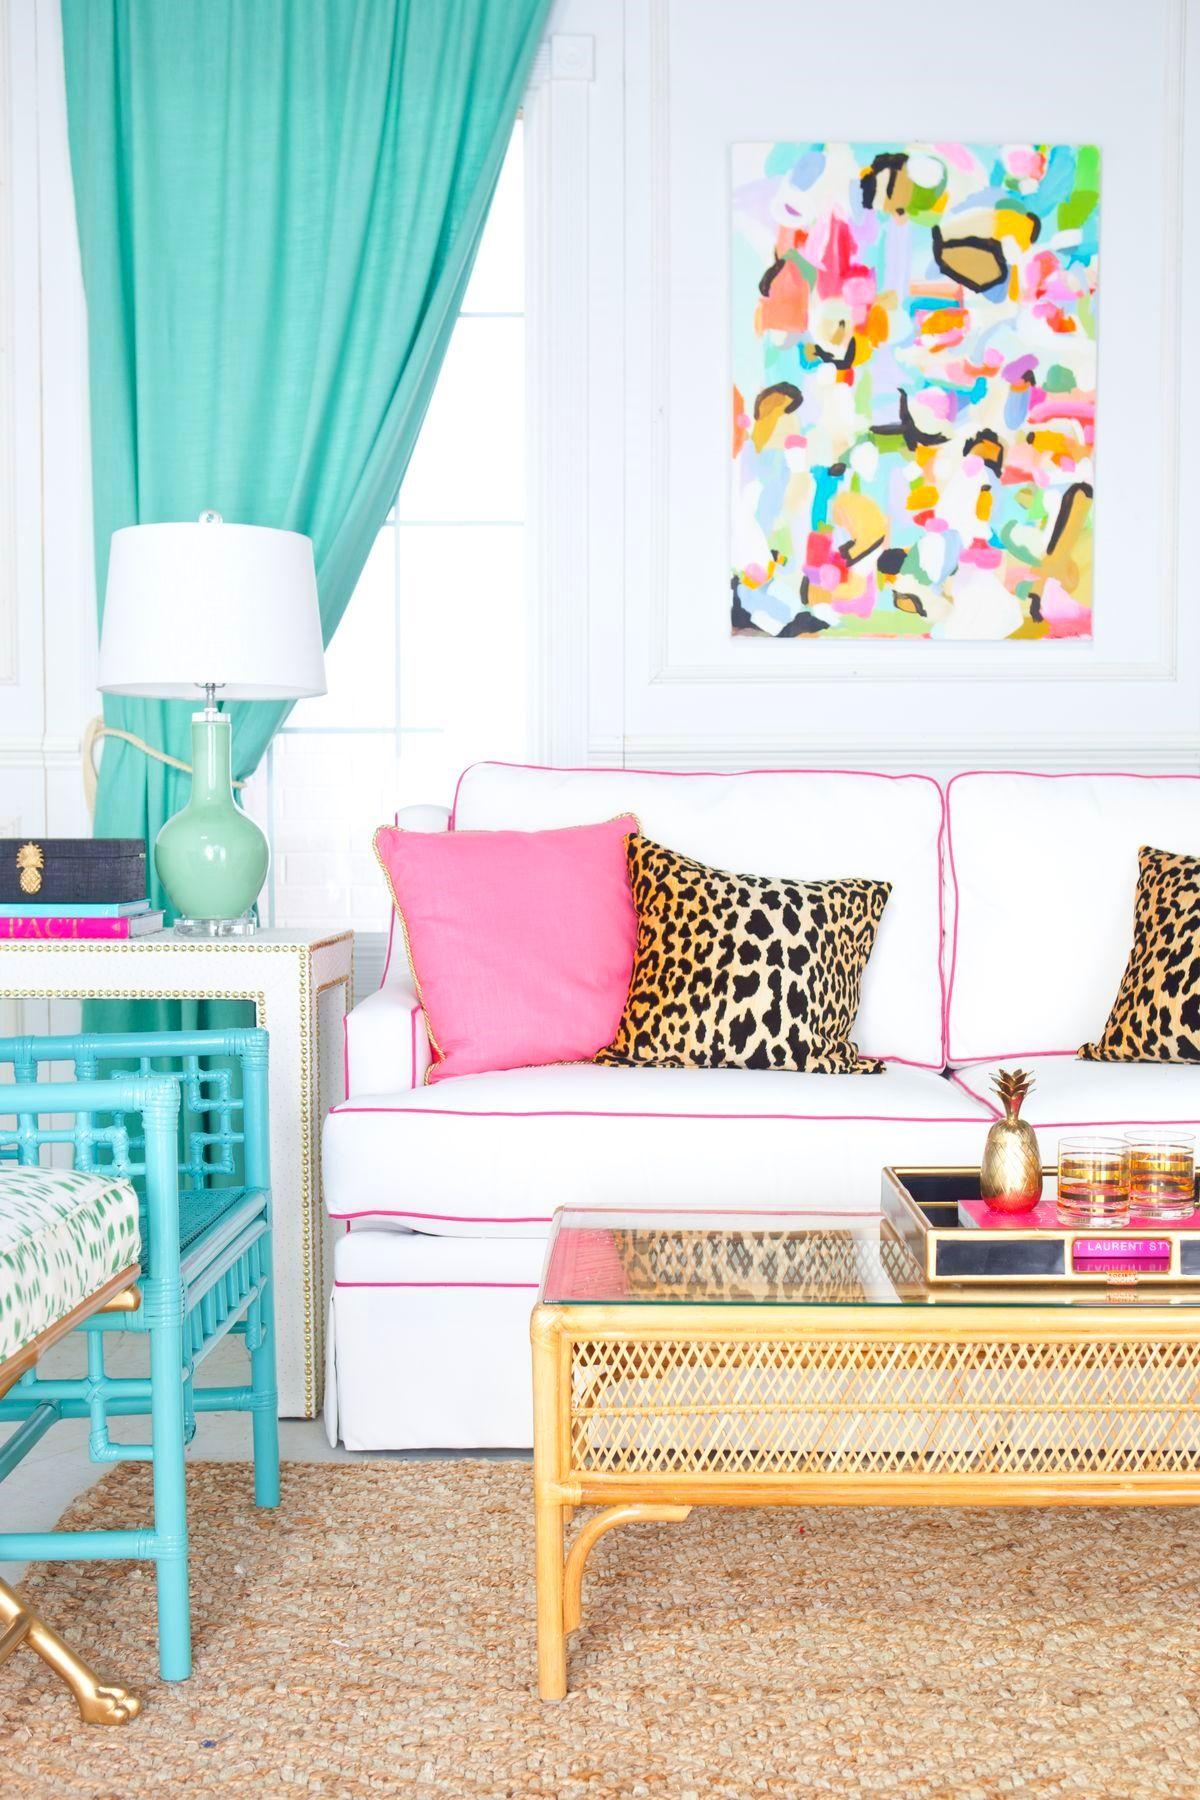 art-centric // society social | Home Decor | Pinterest | Living ...